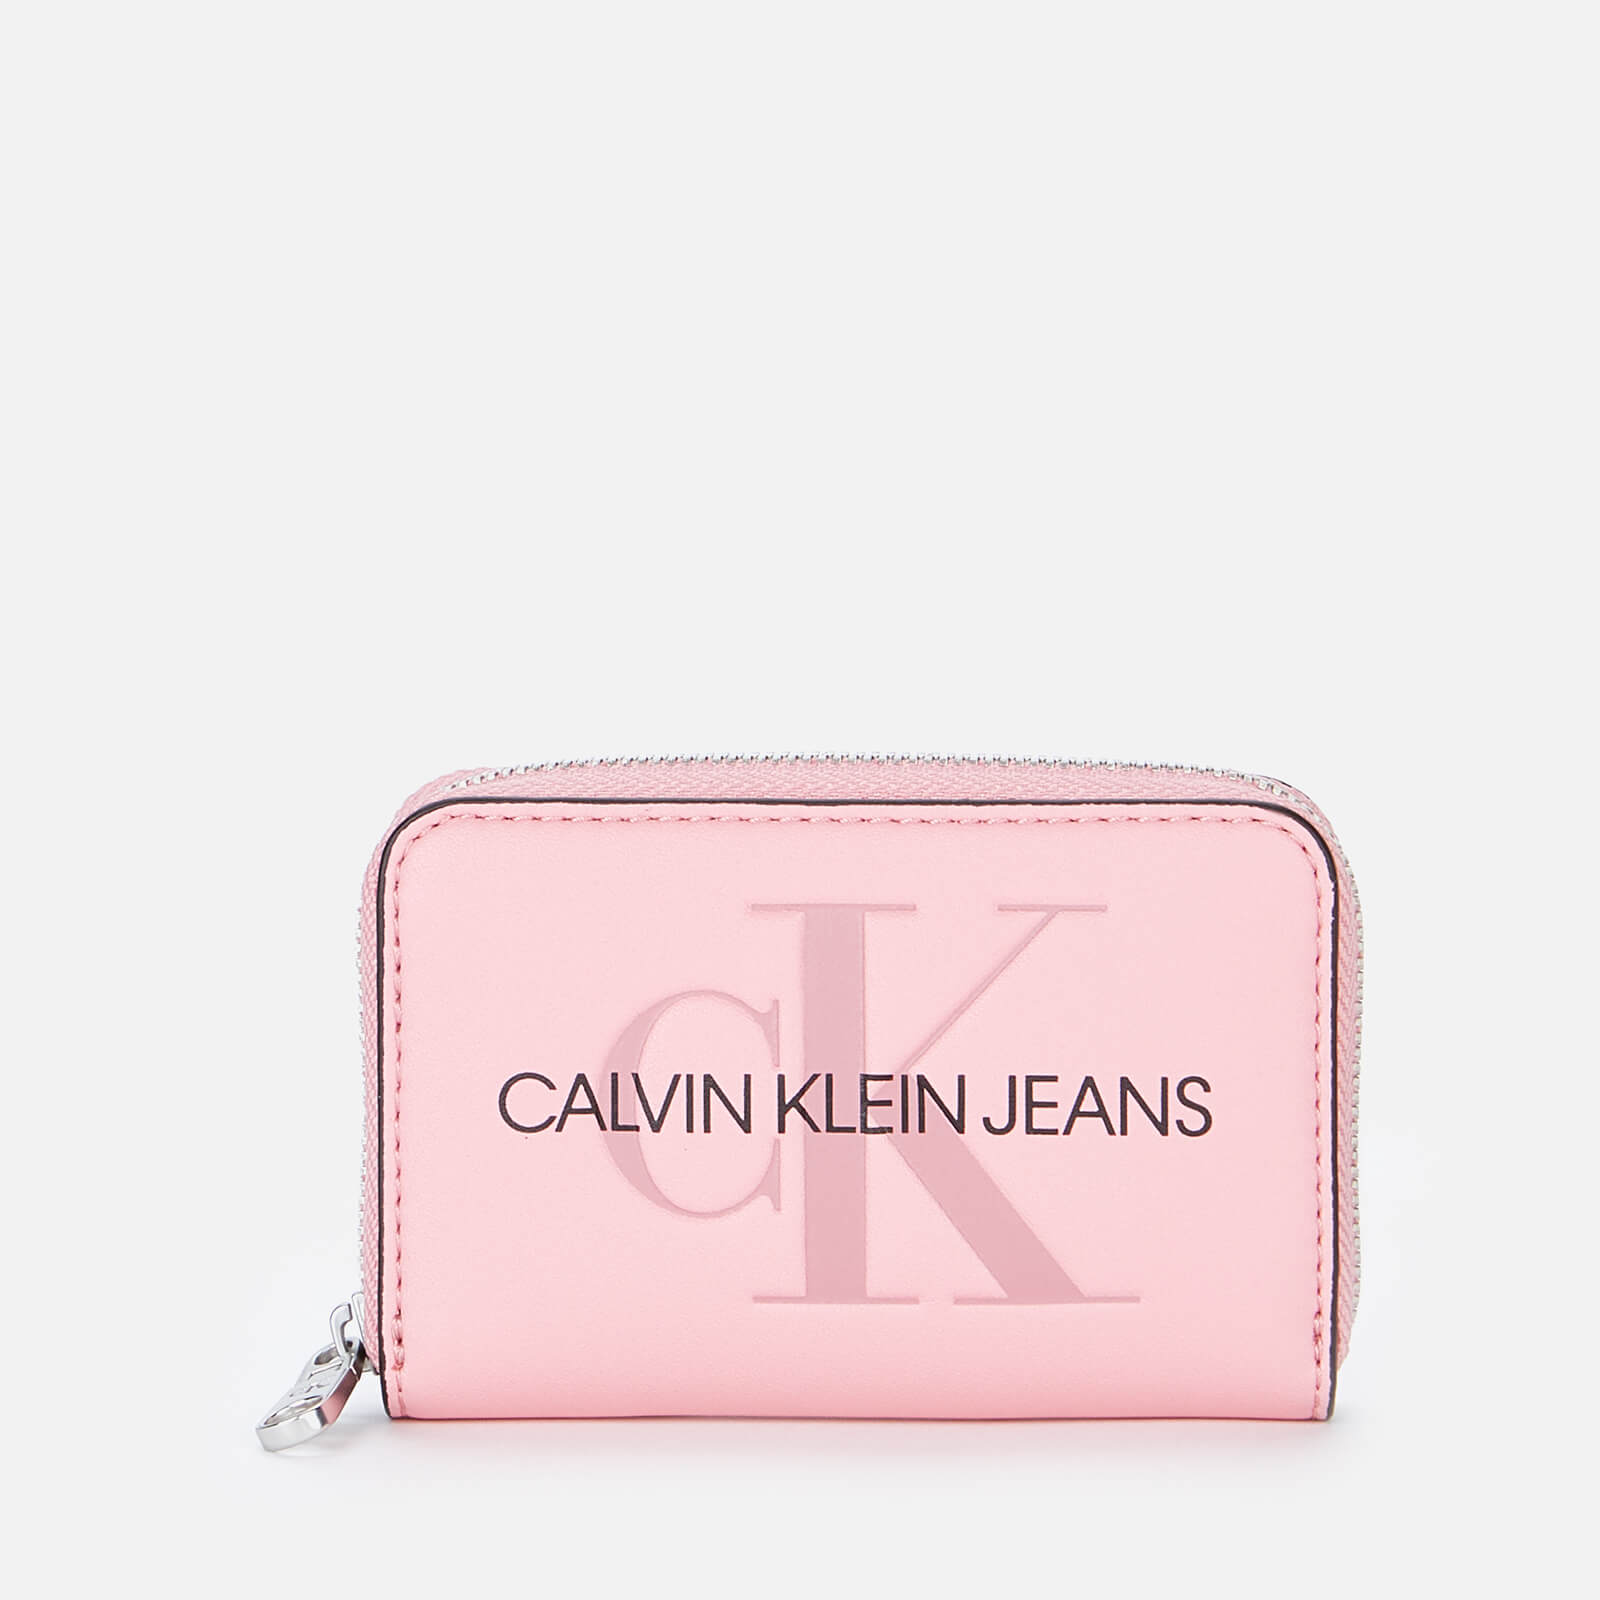 Calvin Klein Jeans Women's Accordion Zip Around - Soft Berry